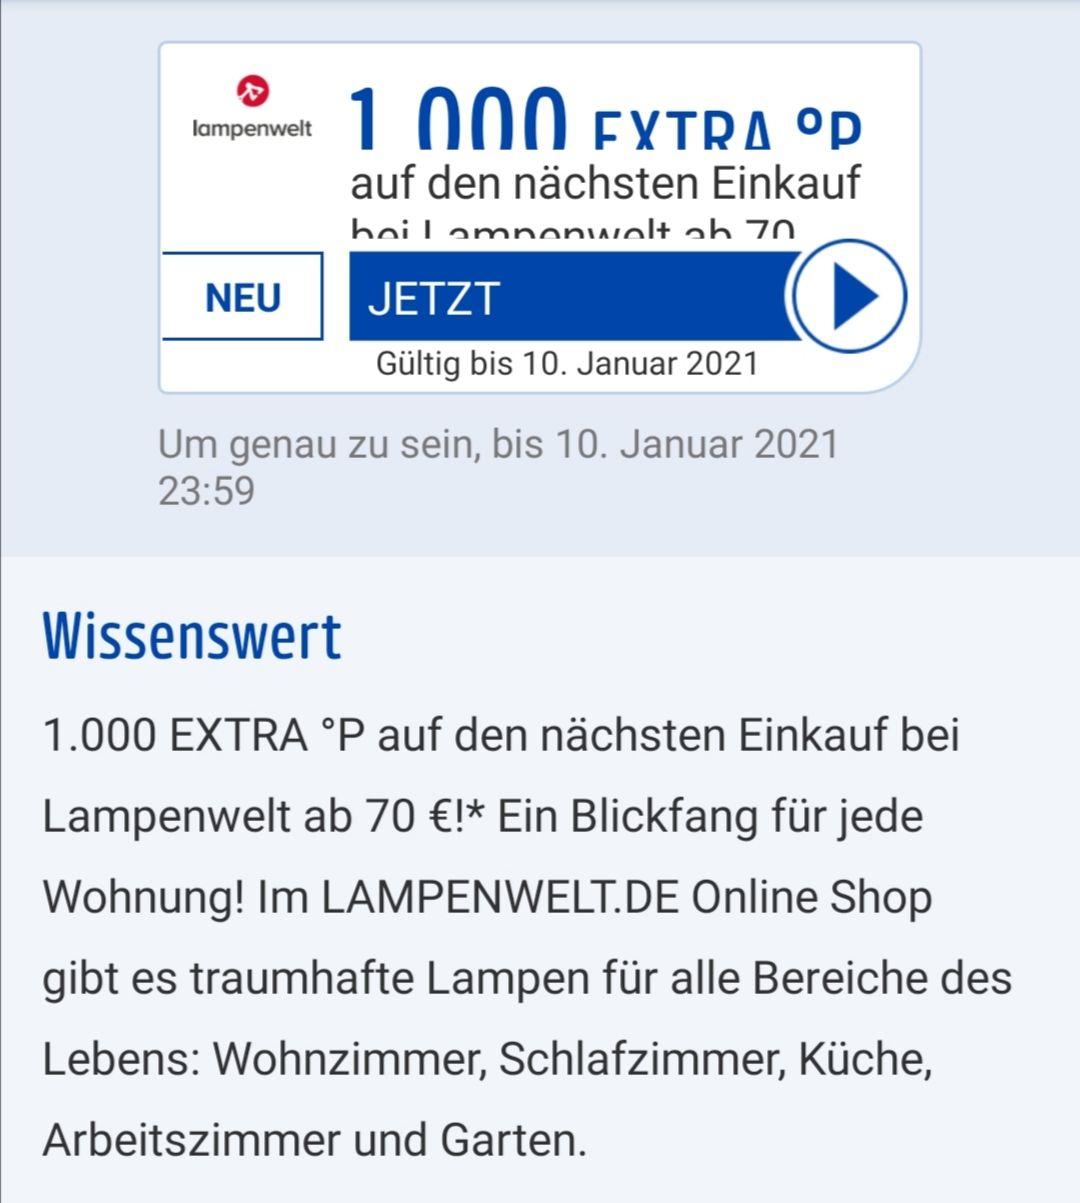 [lampenwelt.de / Payback] 1.000 Payback Punkte ab 70 € / 12 % Neujahrsgutschein oder 20 € Newsletter ab 150 € / ab 50 € Gratisversand